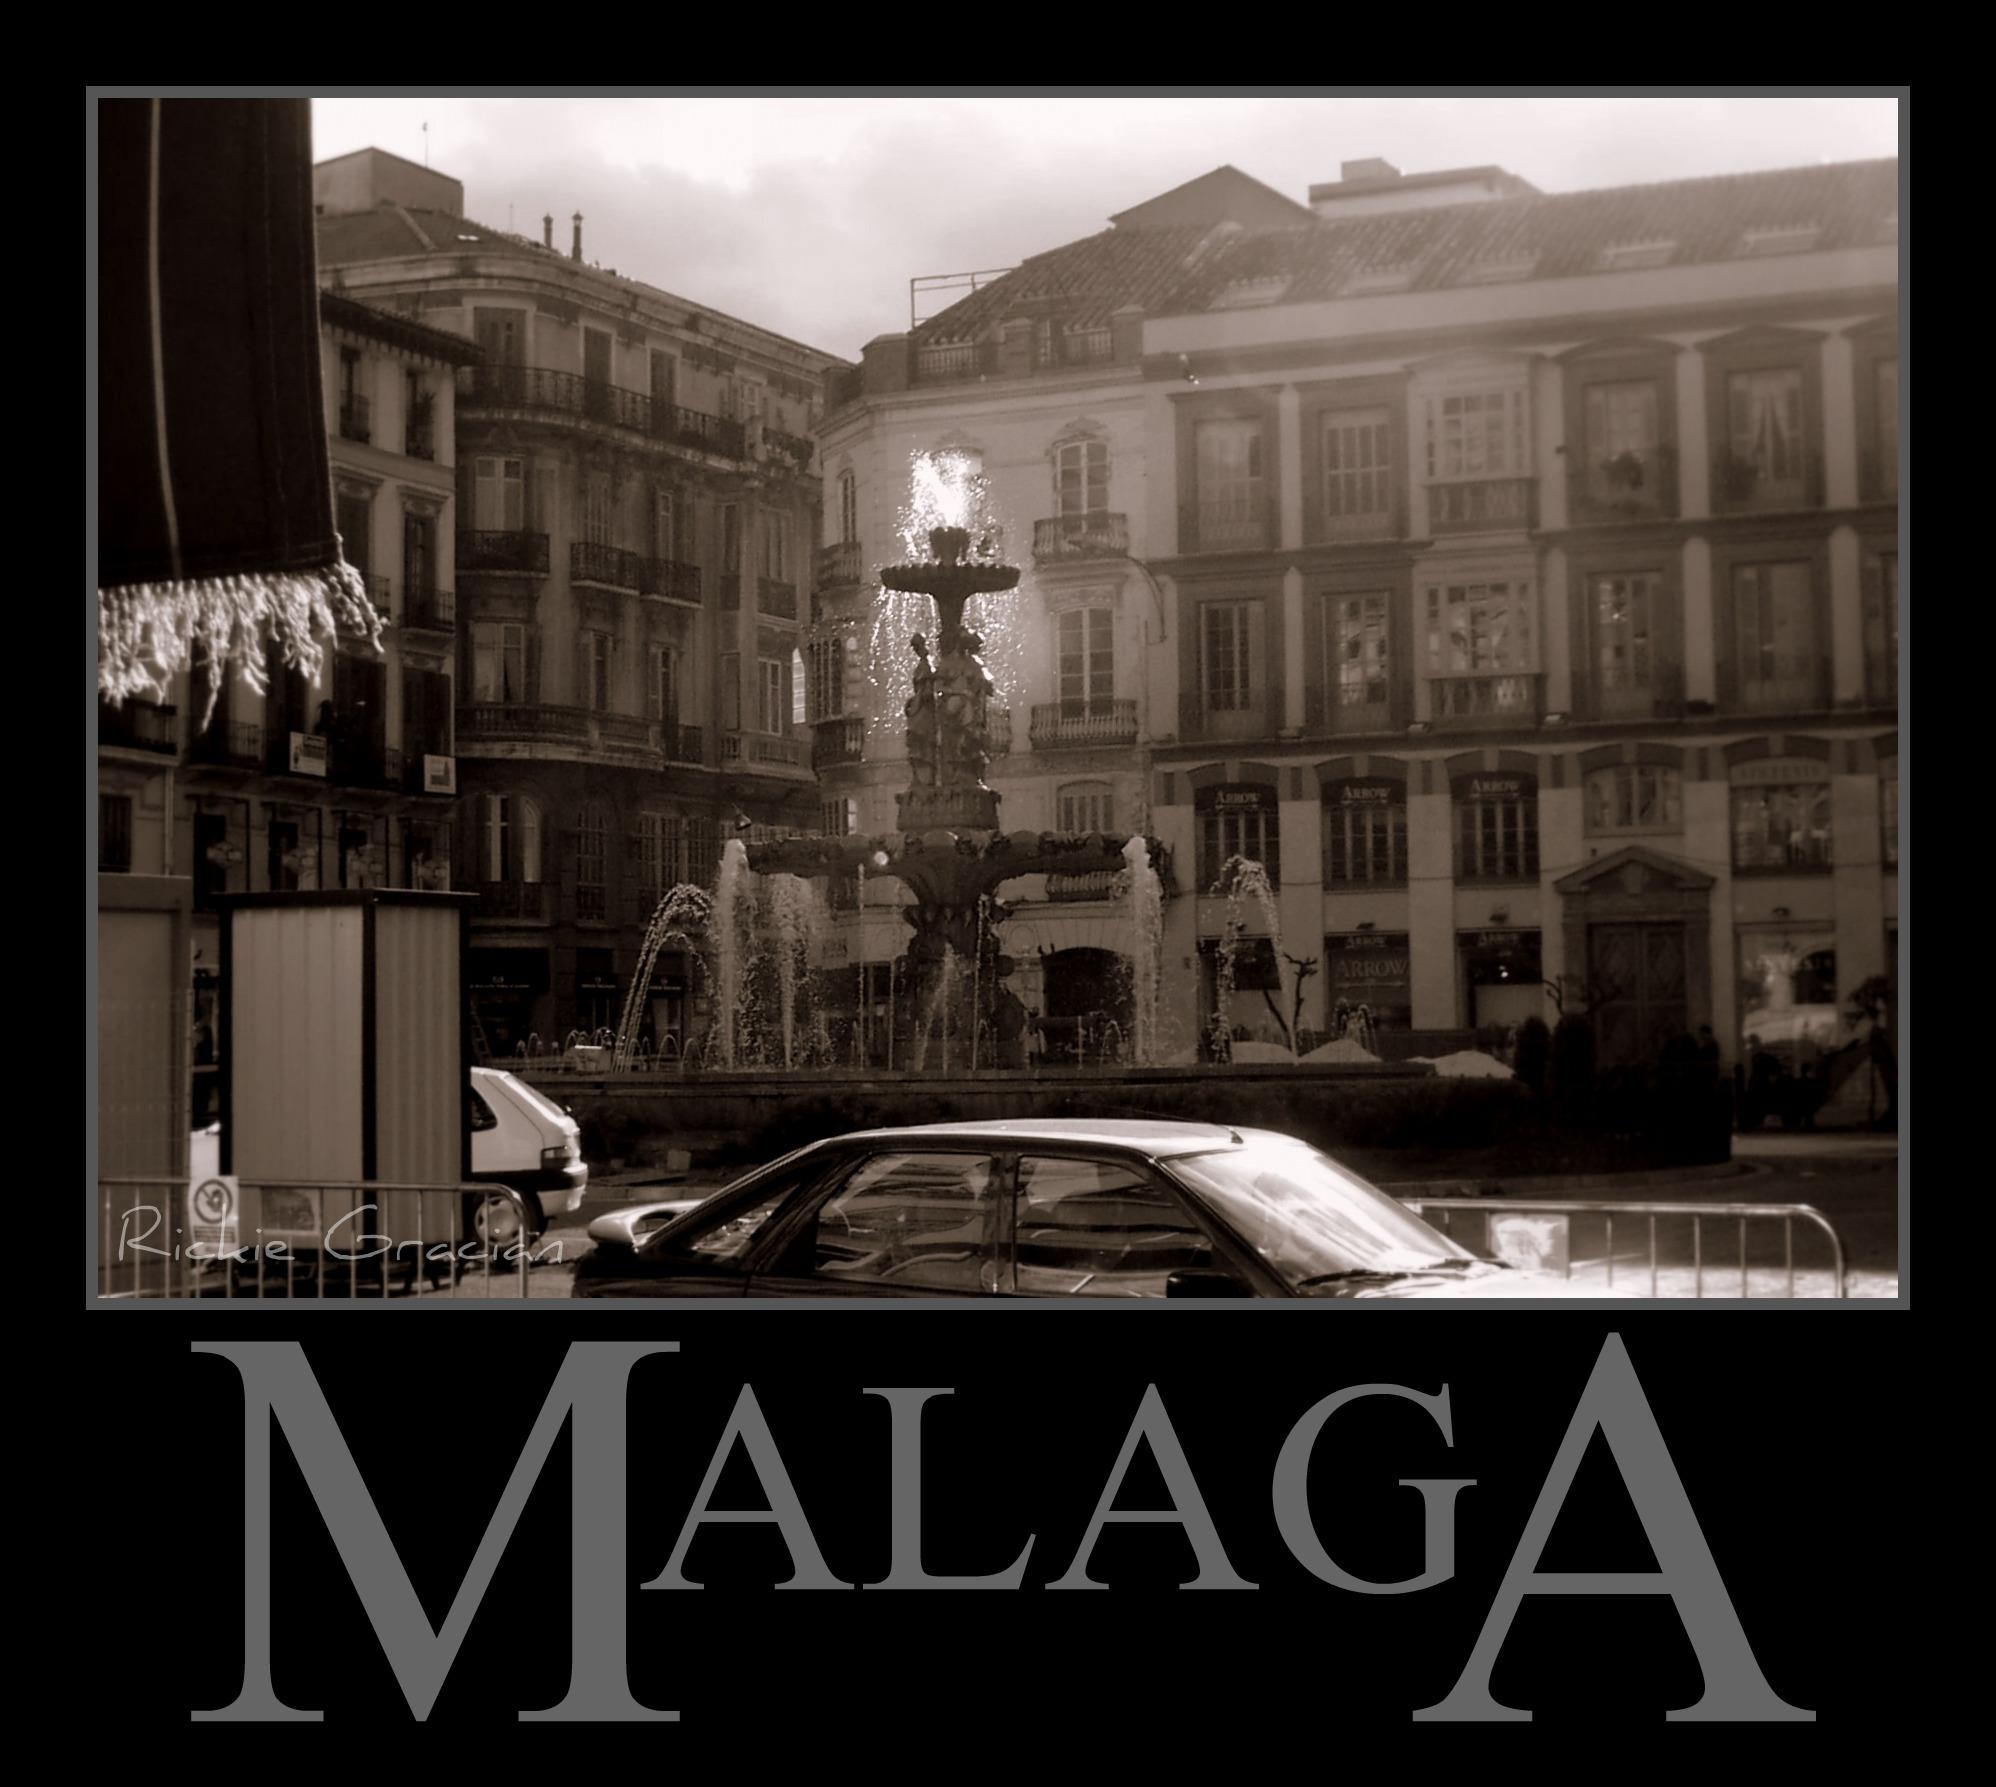 Plaza de la constitucion fotos de m laga capital - Fotos malaga capital ...